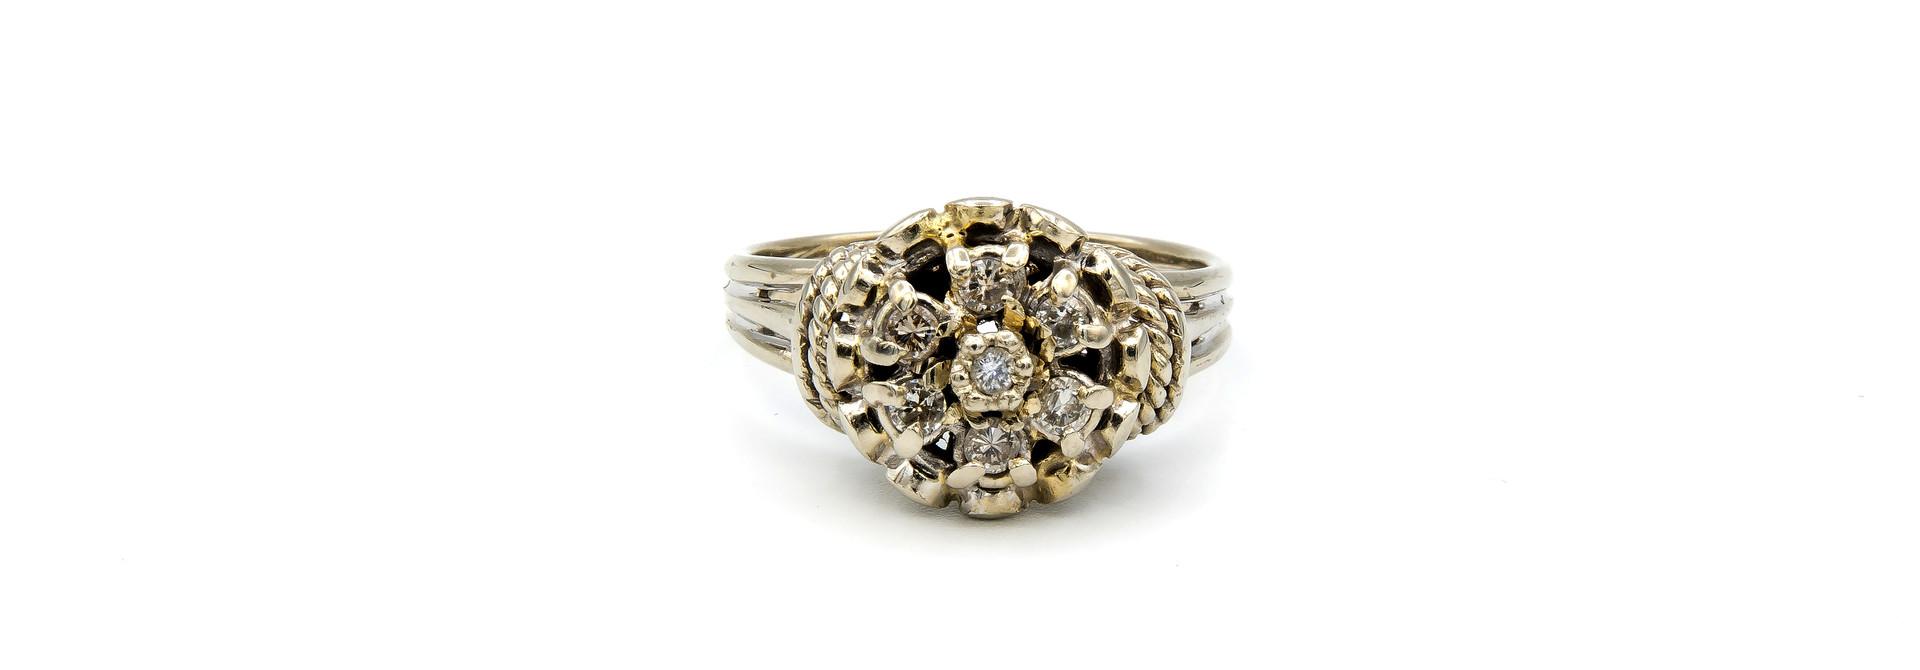 Ring verlovingsring diamant omringd door 6 lager ingezette diamanten witgoud